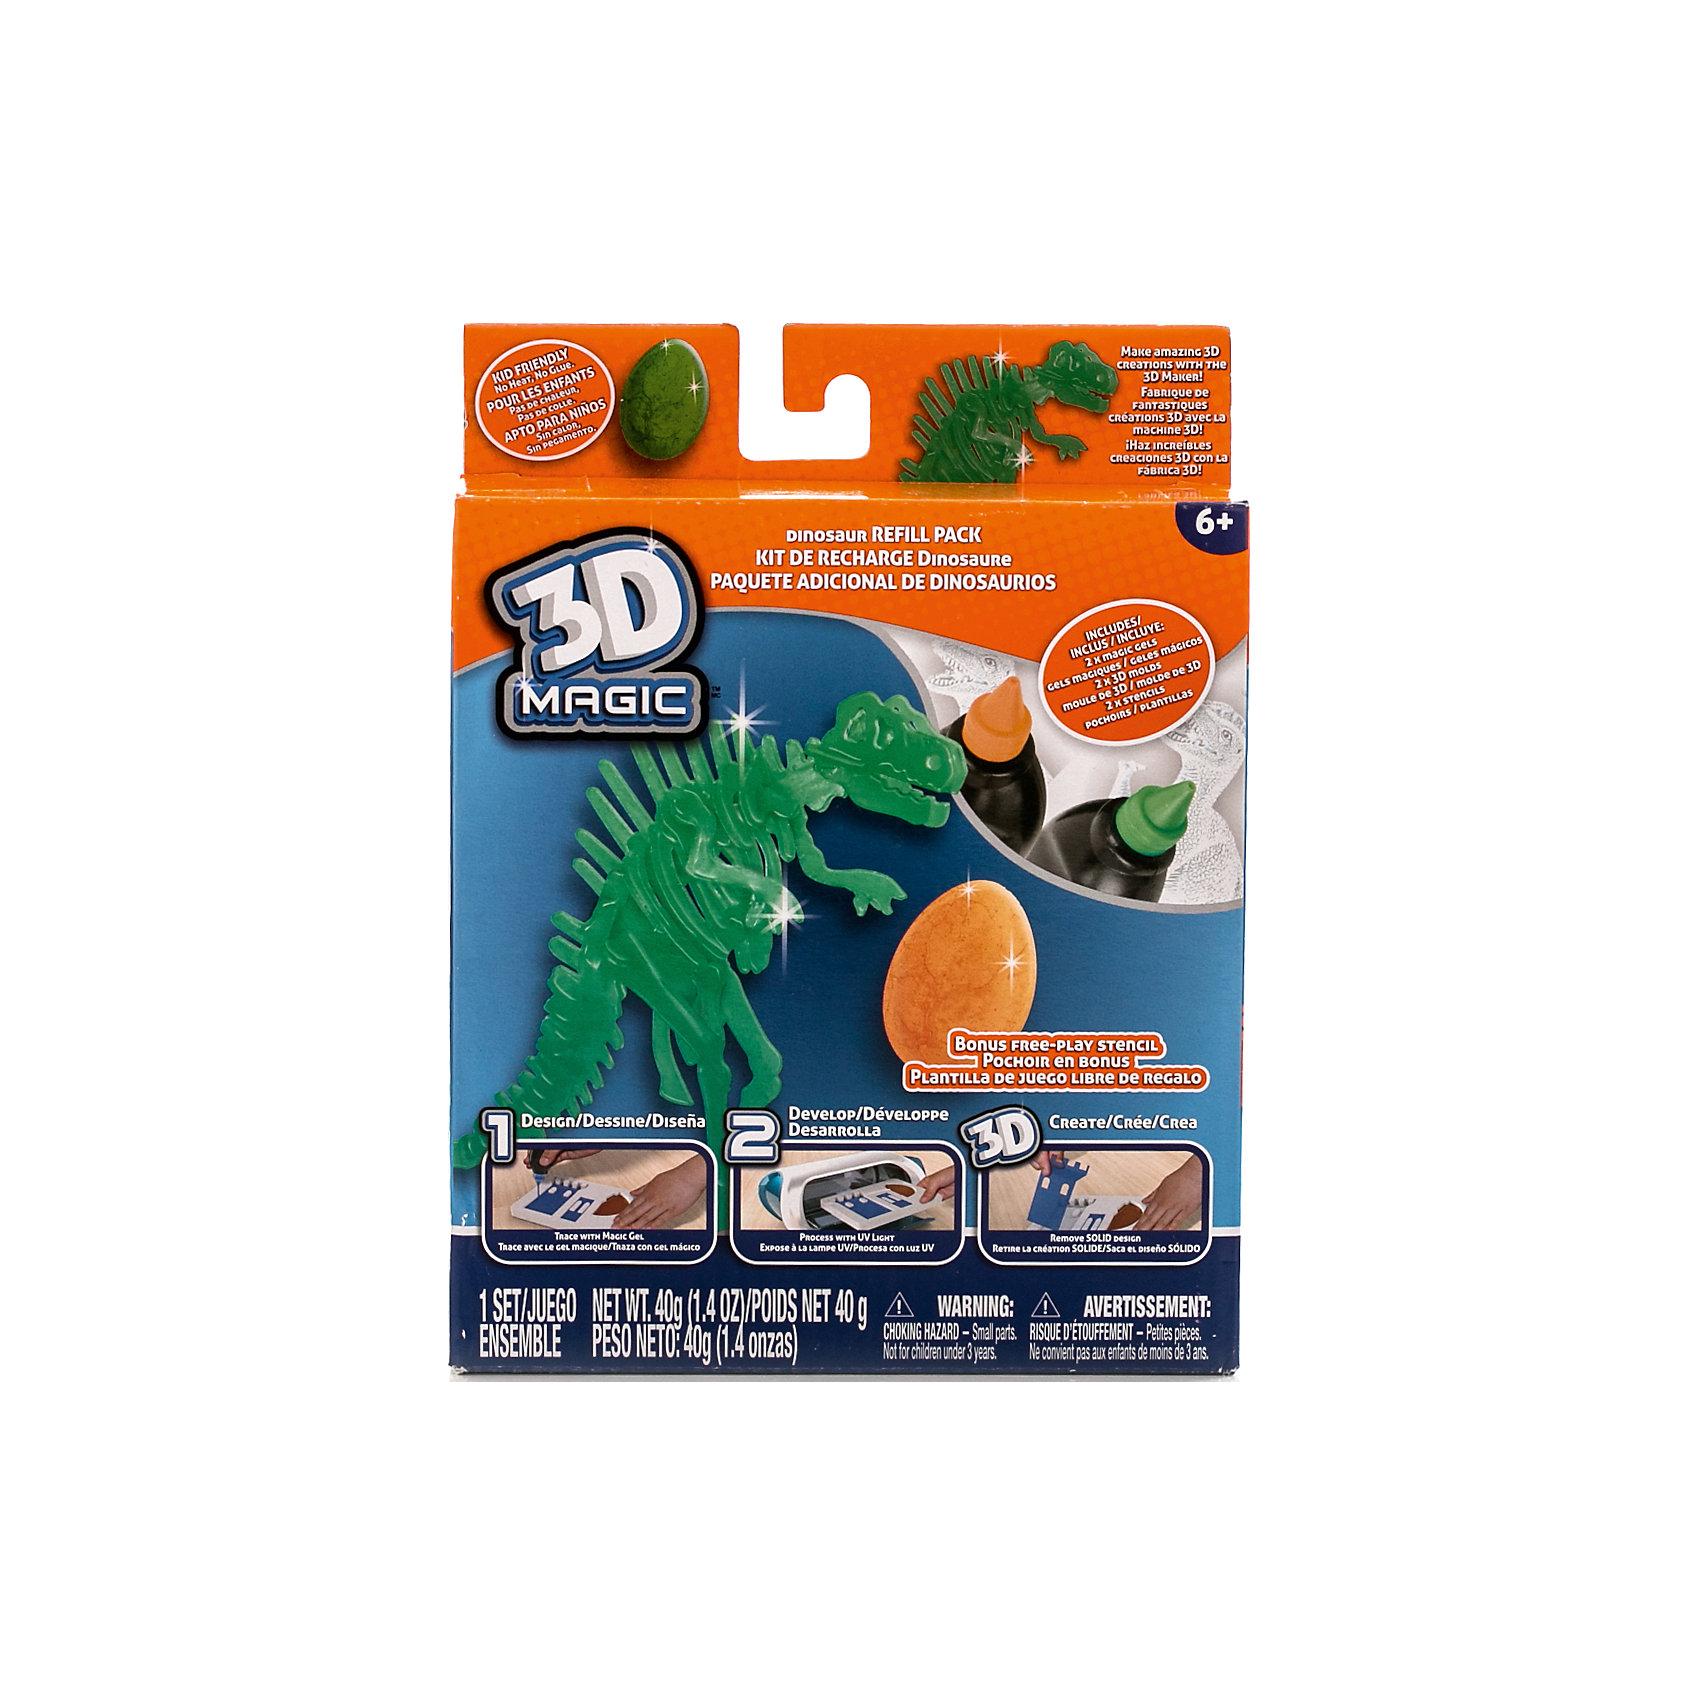 Тематический набор 3D Magic для создания объемных моделей Тиранозавр Рекс3D-ручки<br>Характеристики товара:<br><br>• материал: пластик<br>• вес: 200 г<br>• размер упаковки: 16х20х4 см<br>• комплектация: 2 тюбика со специальным 3D гелем, формочка динозавра, формочка яйца динозавра, трафарет скелета динозавра, дополнительный пустой трафарет для свободной игры (ультрафиолетовая лампа не входит в комплект)<br>• упаковка: коробка<br>• на русском языке<br><br>3D-моделирование - это современный и очень увлекательный вид творчества! С помощью него можно создать множество различных фигурок. Этот набор - качественный и удобный, который поможет ребенку выразить свои творческие способности. Объемная фигурка получается из безопасного материала, очень красиво смотрится. В наборе есть специальные трафареты.<br>Изделие произведено из качественных и безопасных для ребенка материалов. Работа с таким набором помогает развить мышление ребенка, аккуратность, внимательность, мелкую моторику и воображение. Полезный подарок для тех, у кого уже есть специальная 3Д-лампа!<br><br>Тематический набор 3D Magic для создания объемных моделей Тиранозавр Рекс можно купить в нашем интернет-магазине.<br><br>Ширина мм: 160<br>Глубина мм: 200<br>Высота мм: 40<br>Вес г: 216<br>Возраст от месяцев: 72<br>Возраст до месяцев: 120<br>Пол: Мужской<br>Возраст: Детский<br>SKU: 5230674